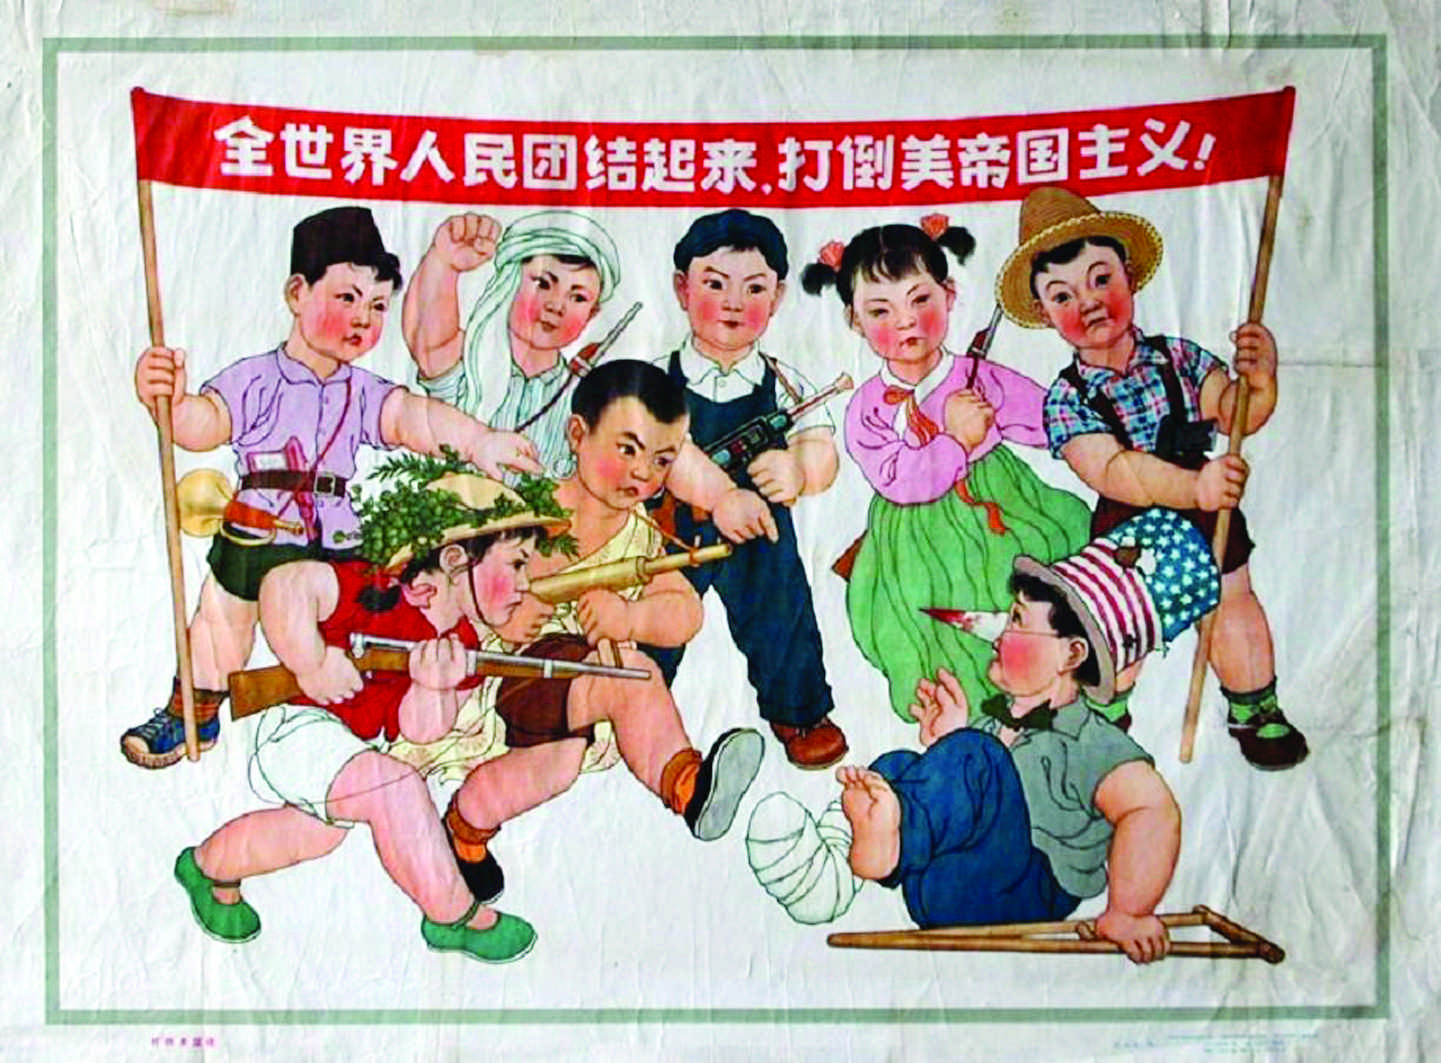 плакат на тему китай да, кто-то